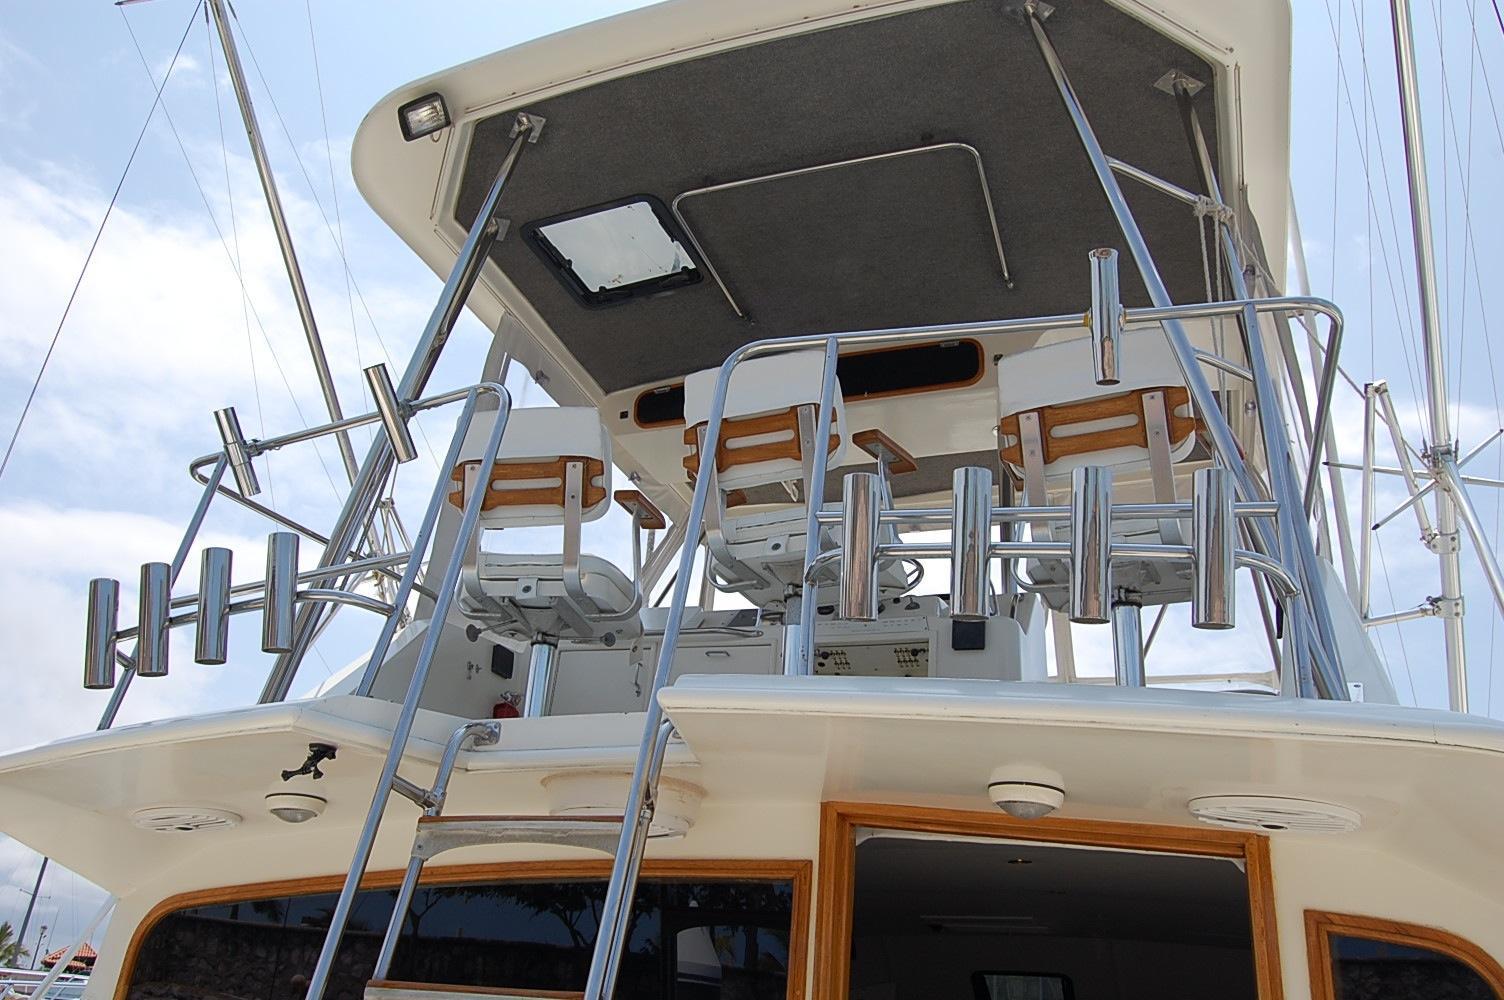 48' Ocean Yachts Super Sport+Aft wash hose station